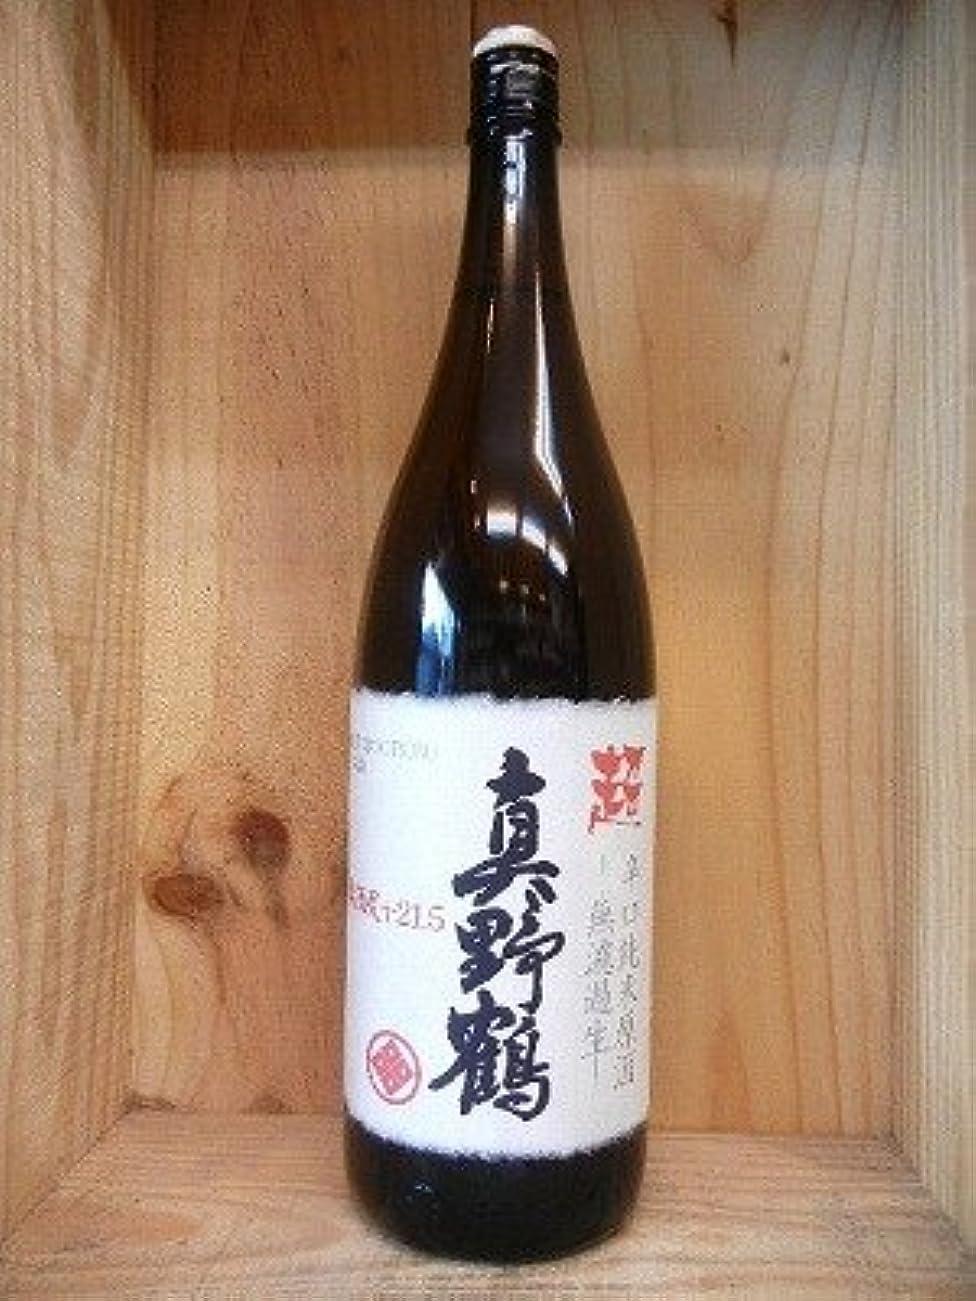 実行する寂しい論争的日本酒 超 真野鶴 まのつる 辛口純米無濾過生原酒1800ml【尾畑酒造】